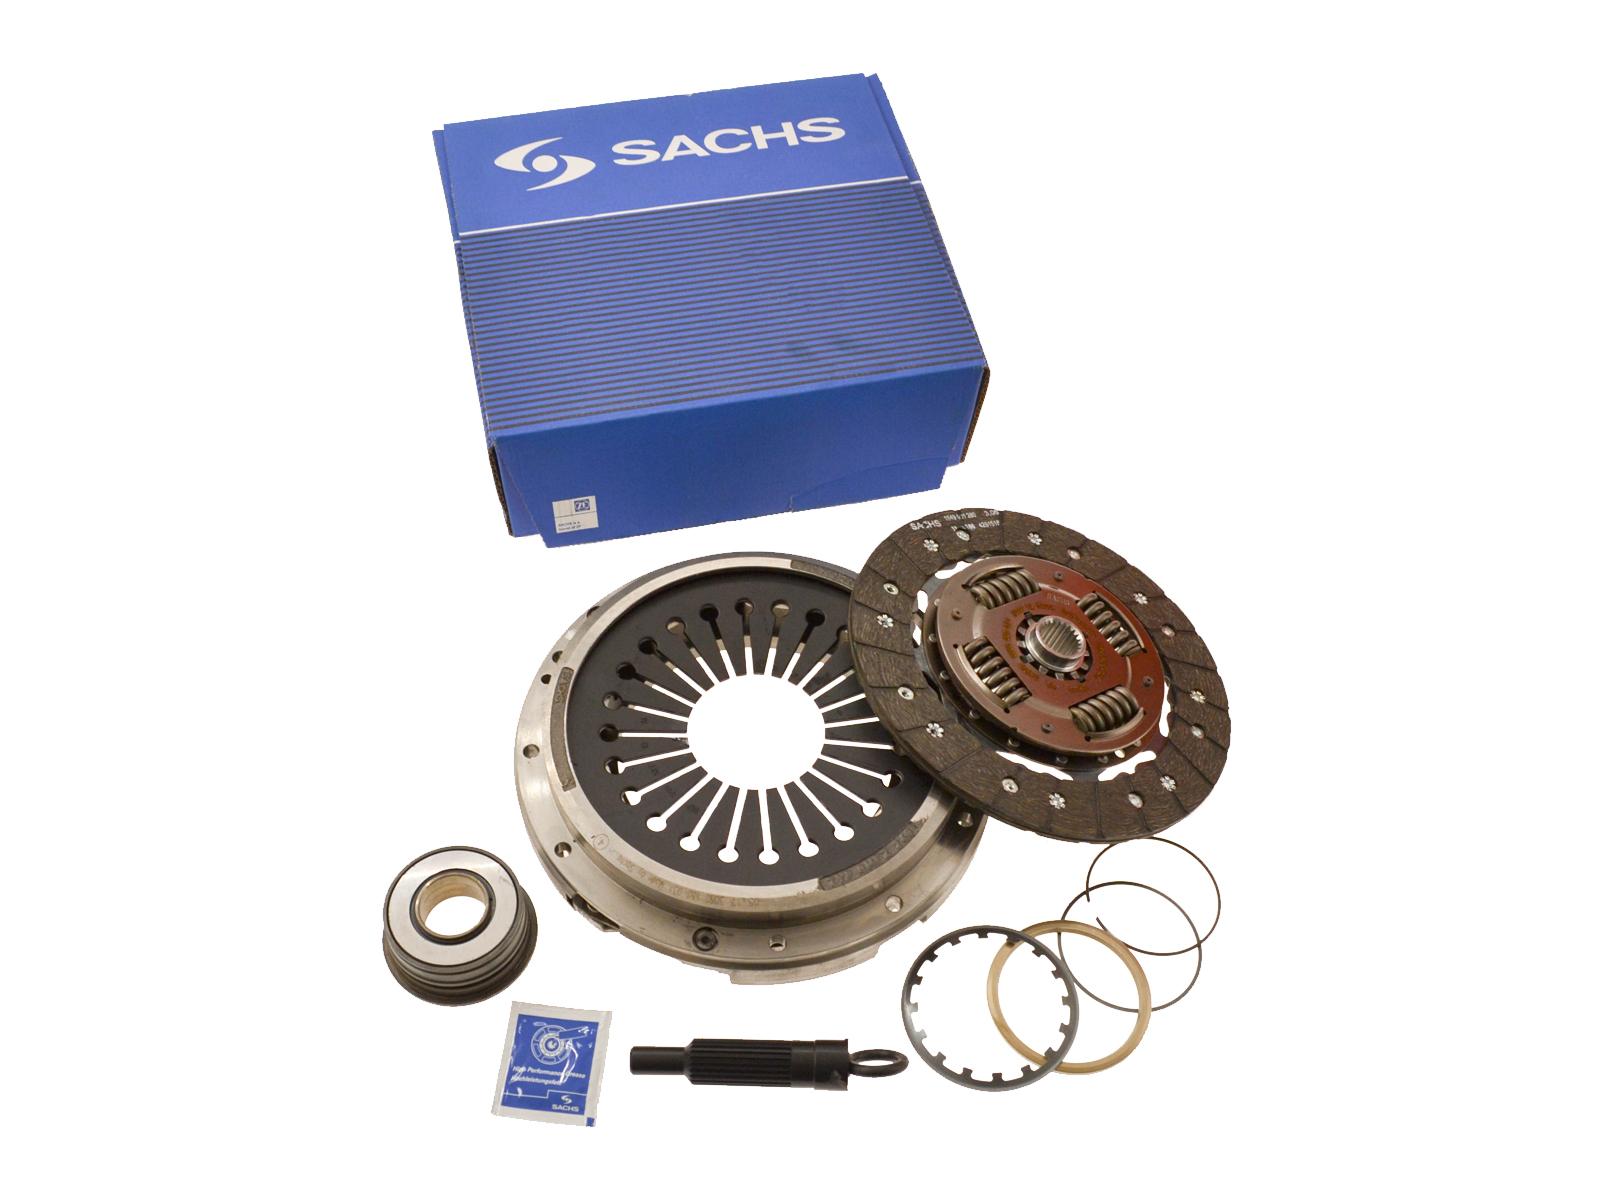 Sachs Kupplungssatz für Porsche 944 turbo/turboS + Zentrierdorn